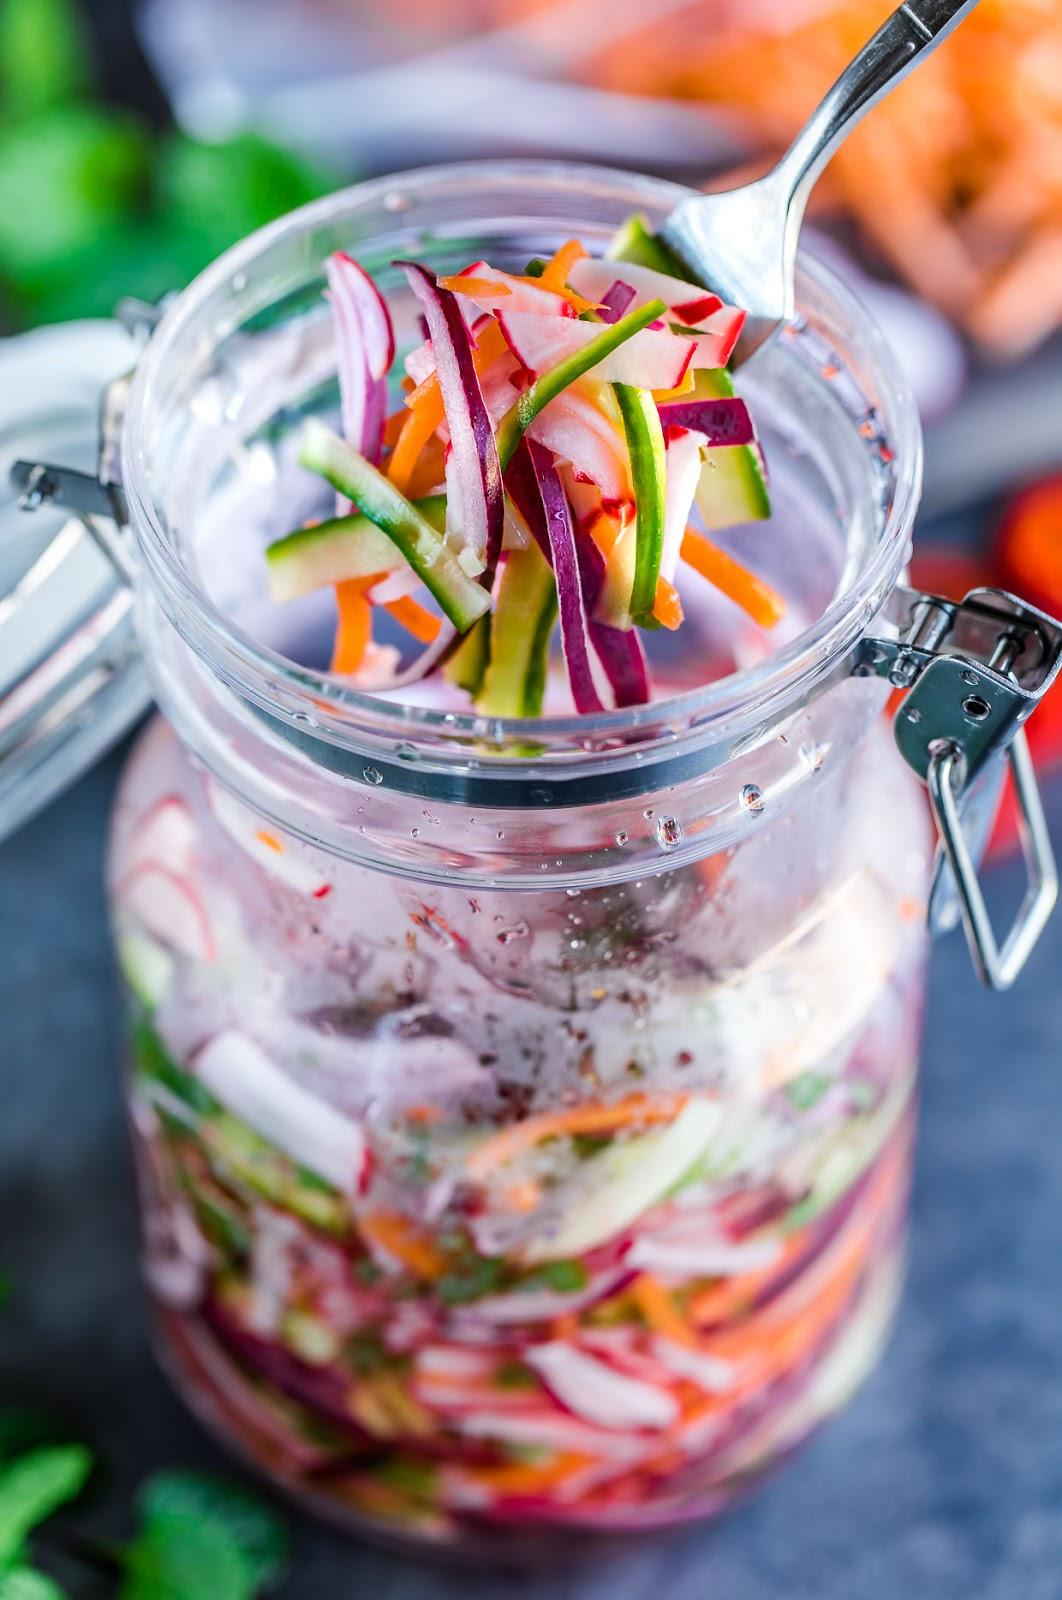 QUICK FRIDGE PICKLED VEGETABLES #vegetables #vegan #quick #easy #dinner